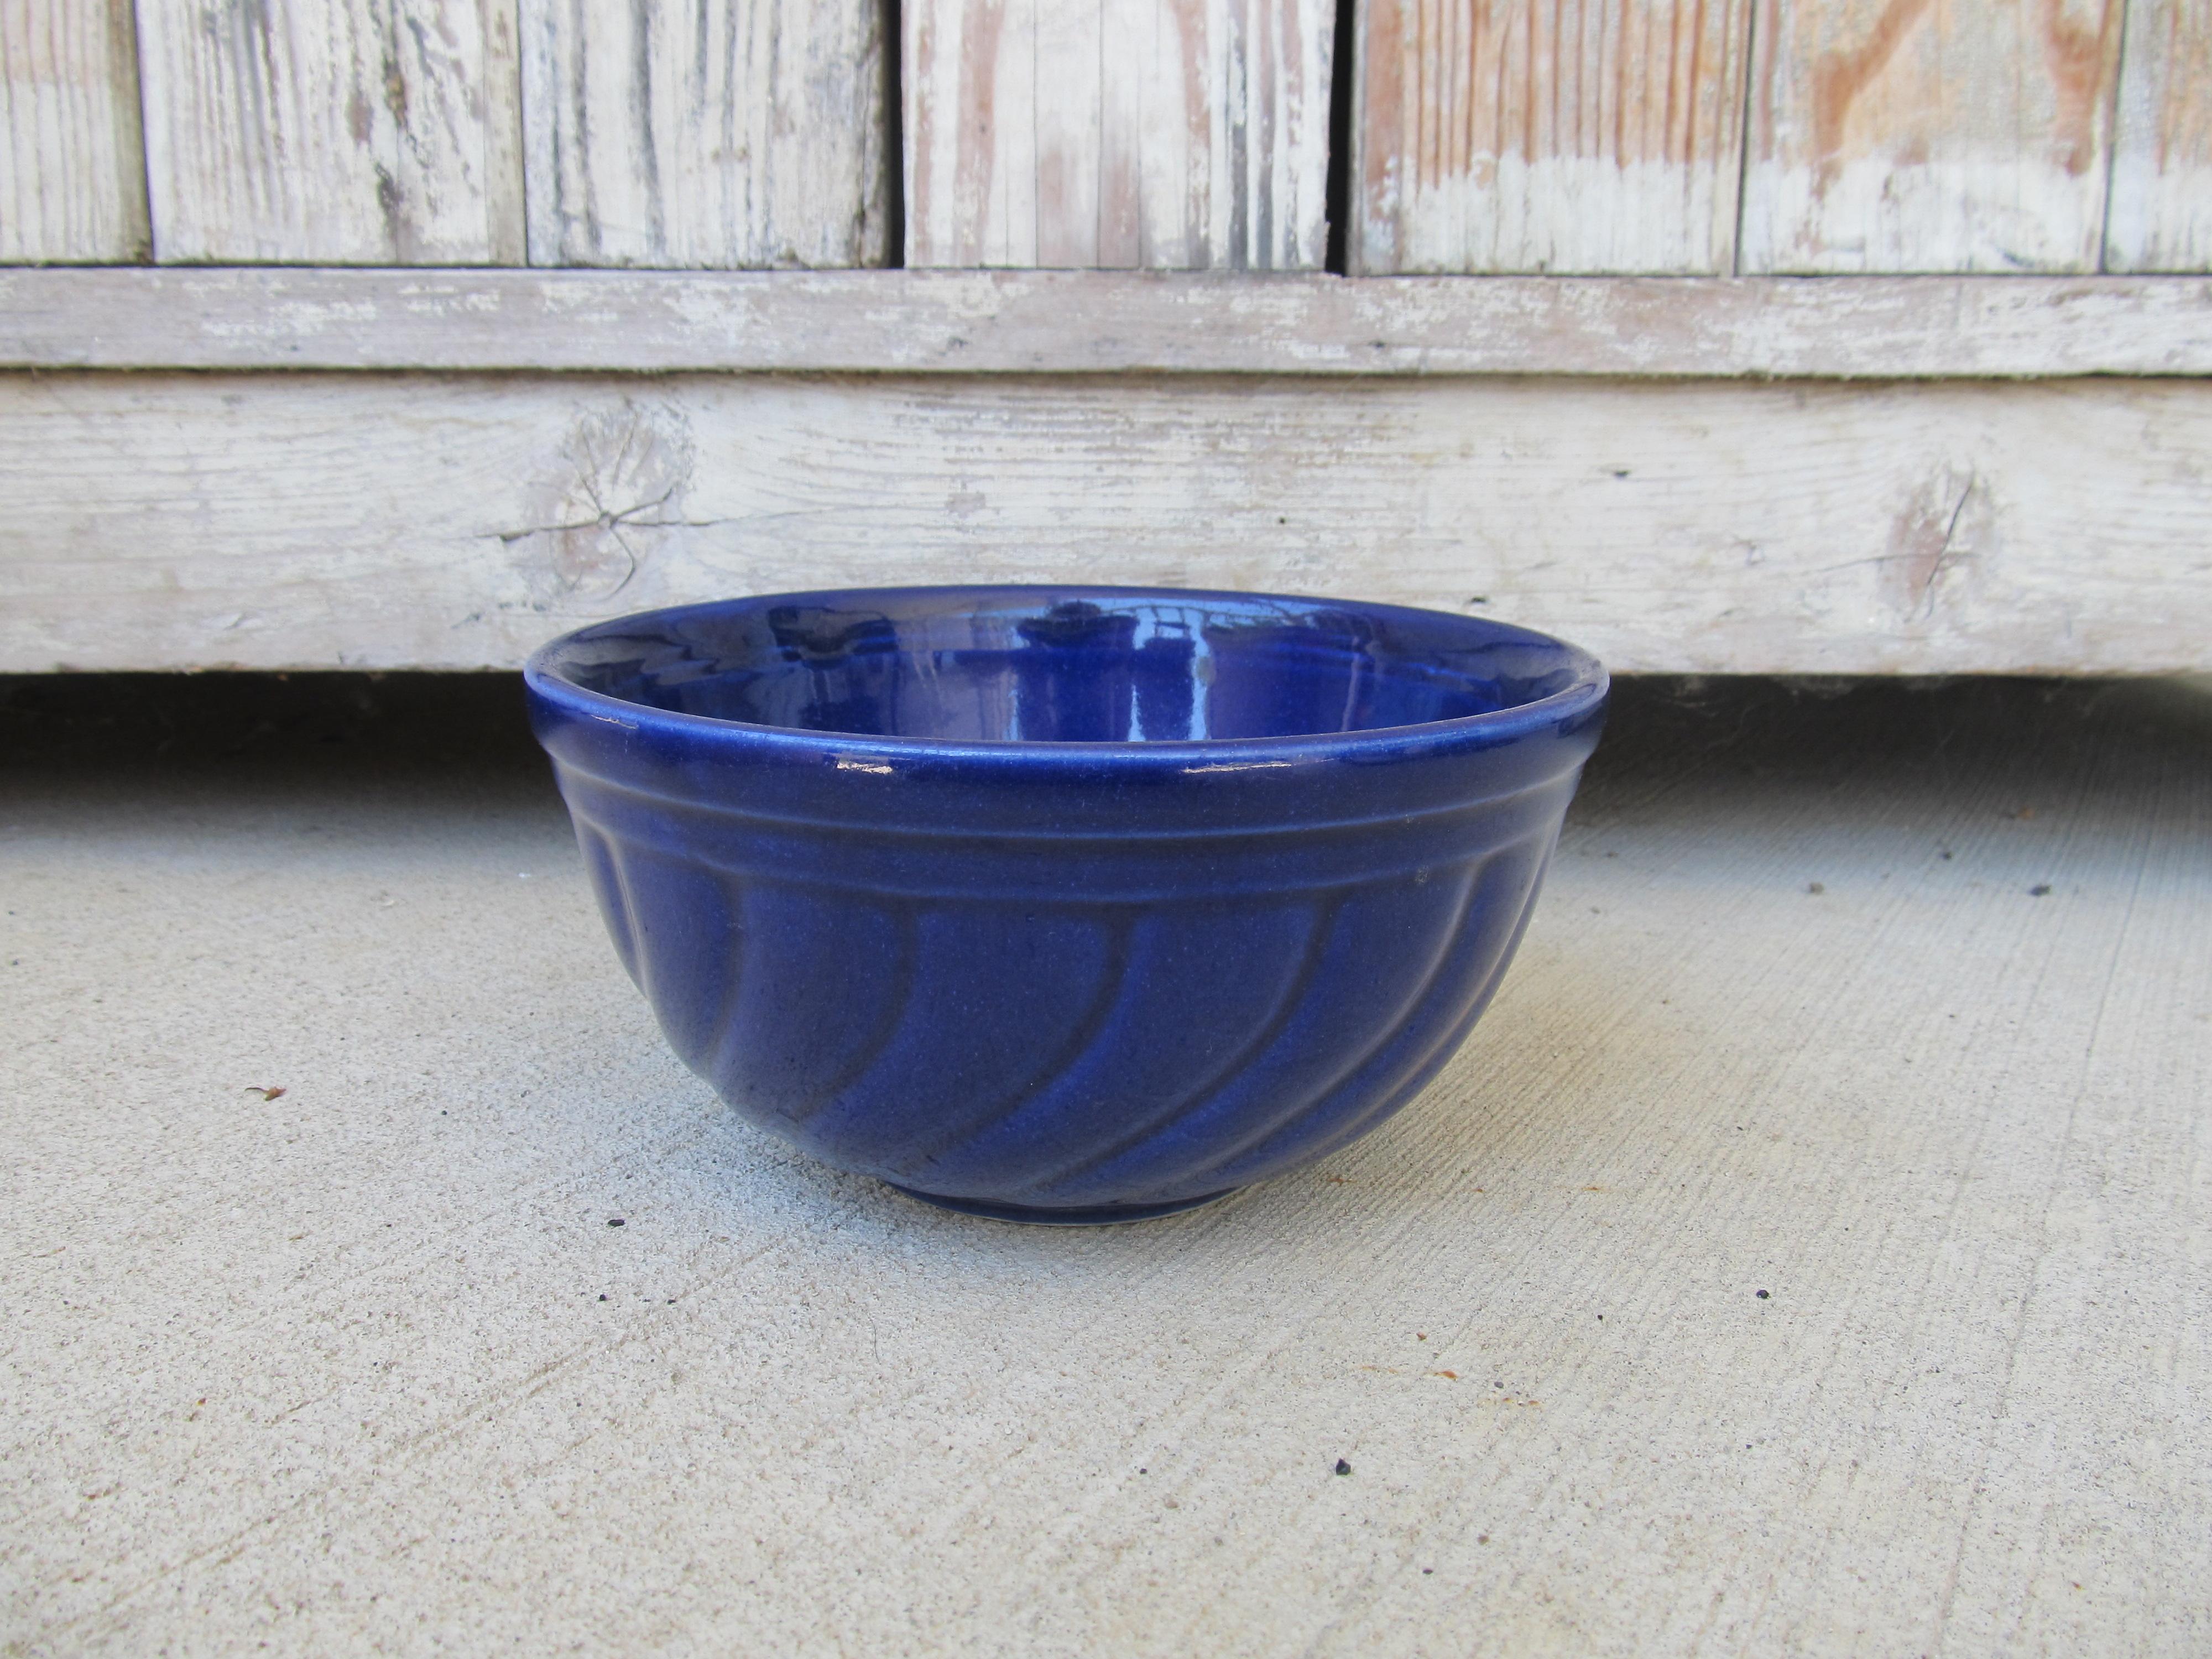 Nautical Home Decor Antique Vintage Cobalt Blue Stoneware Mixing Bowl